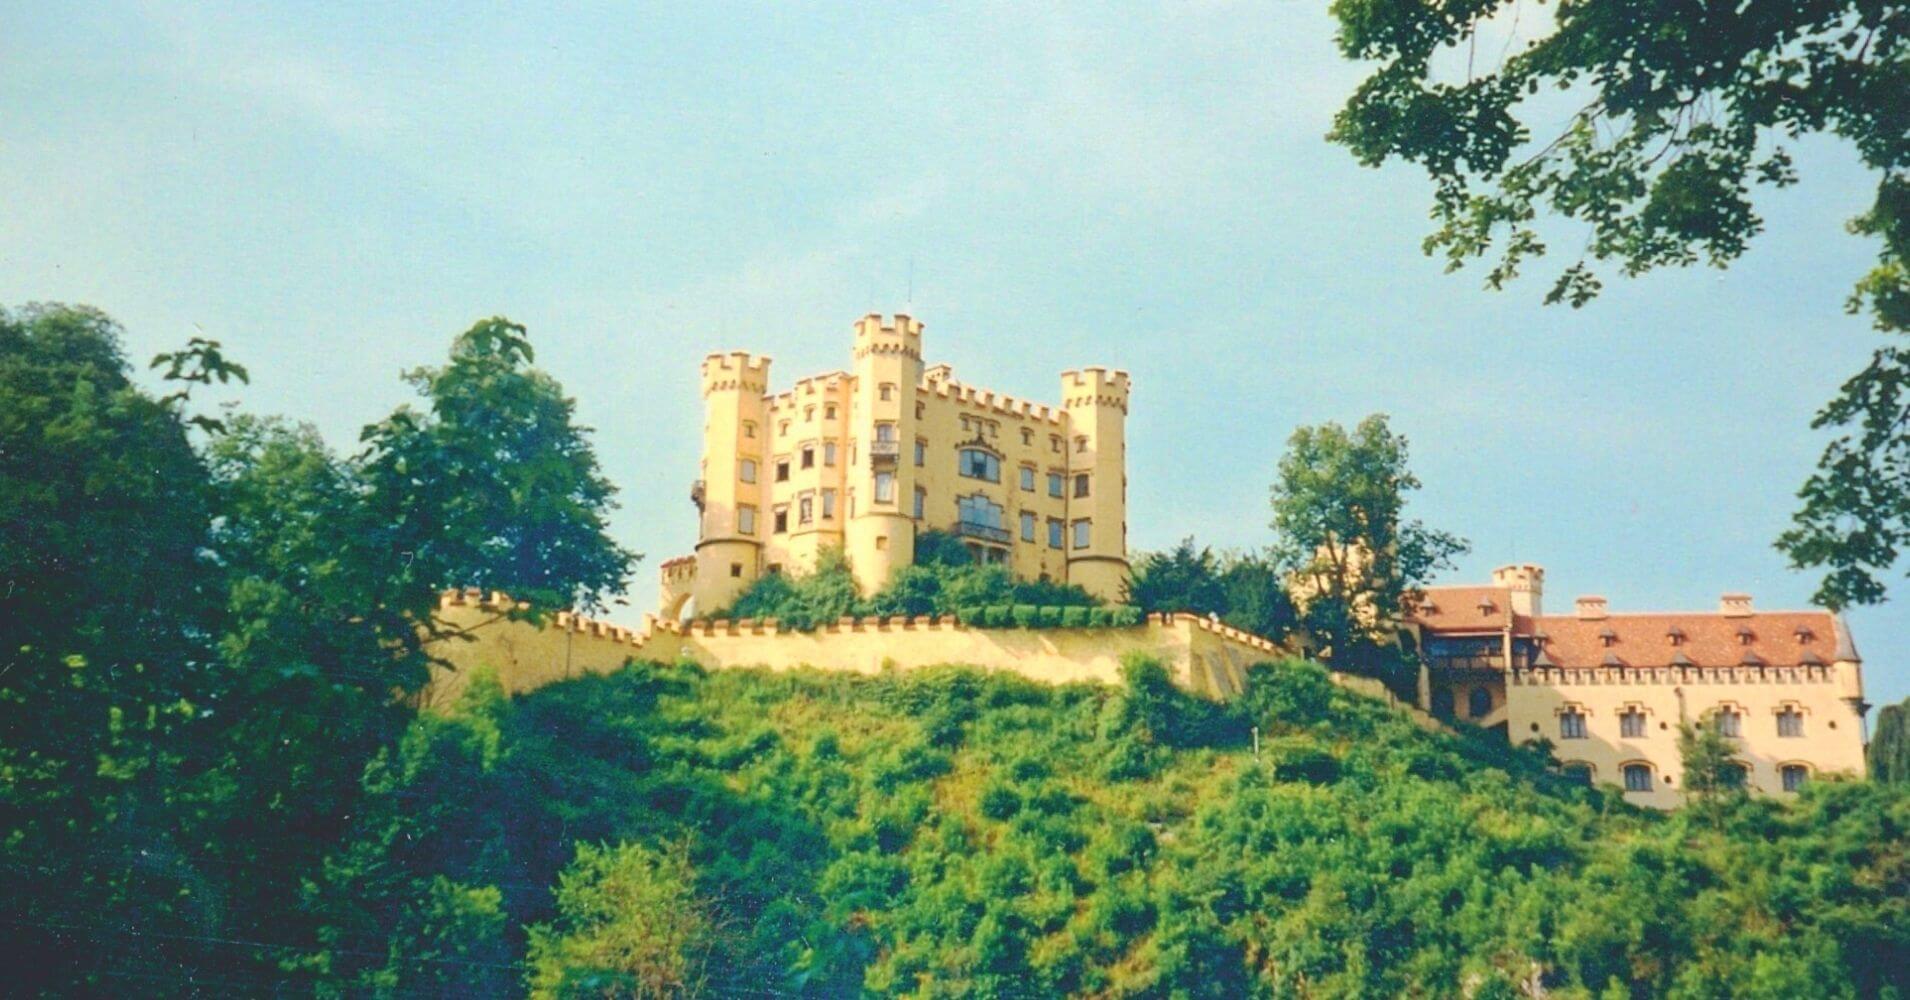 El Castillo de Hohenschwangau. Baviera, Alemania.